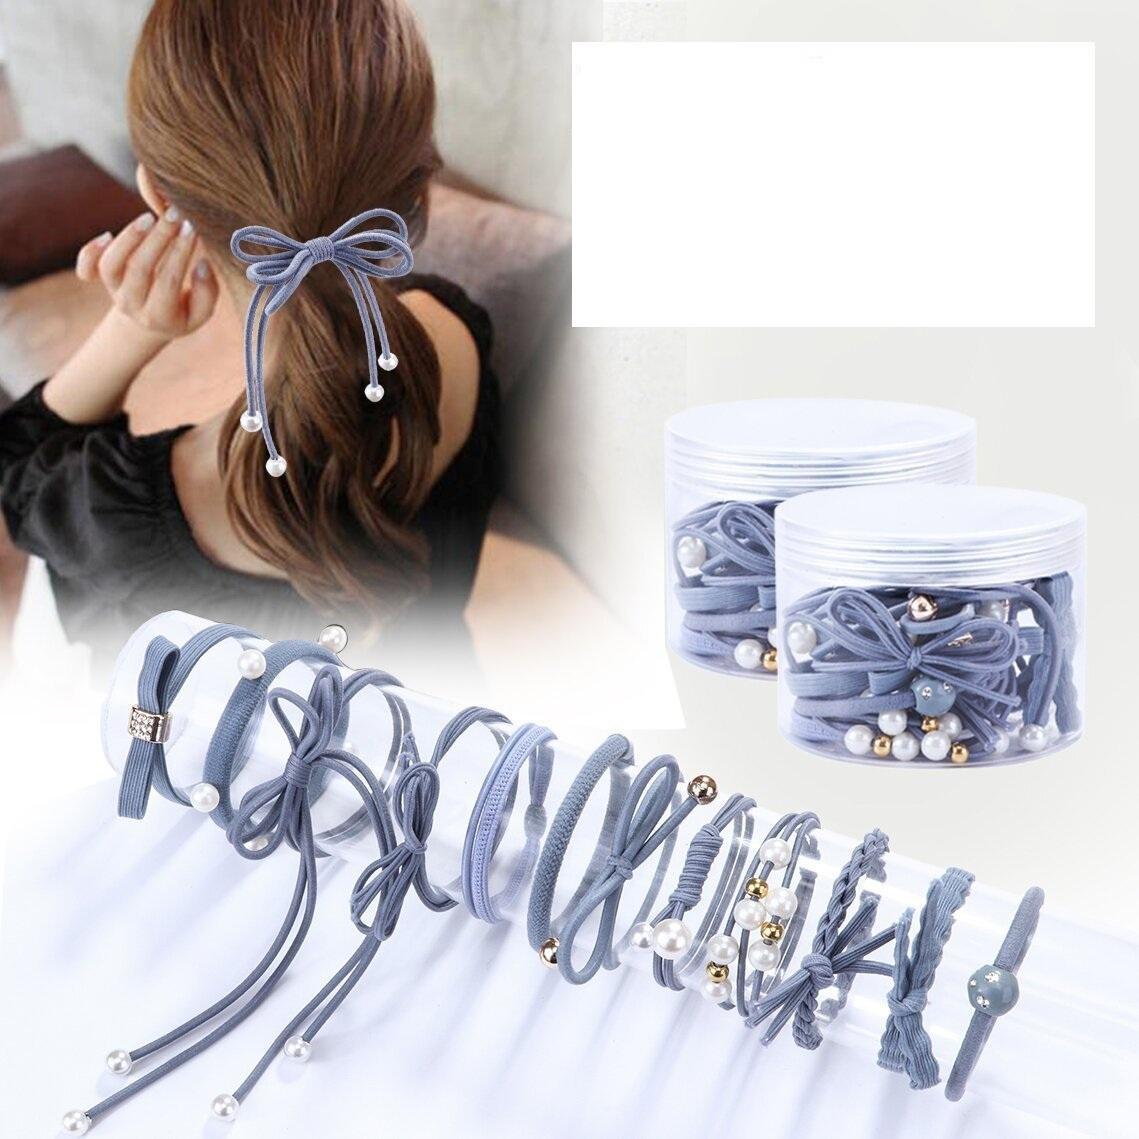 Set 12 dây buộc tóc mềm Hàn Quốc